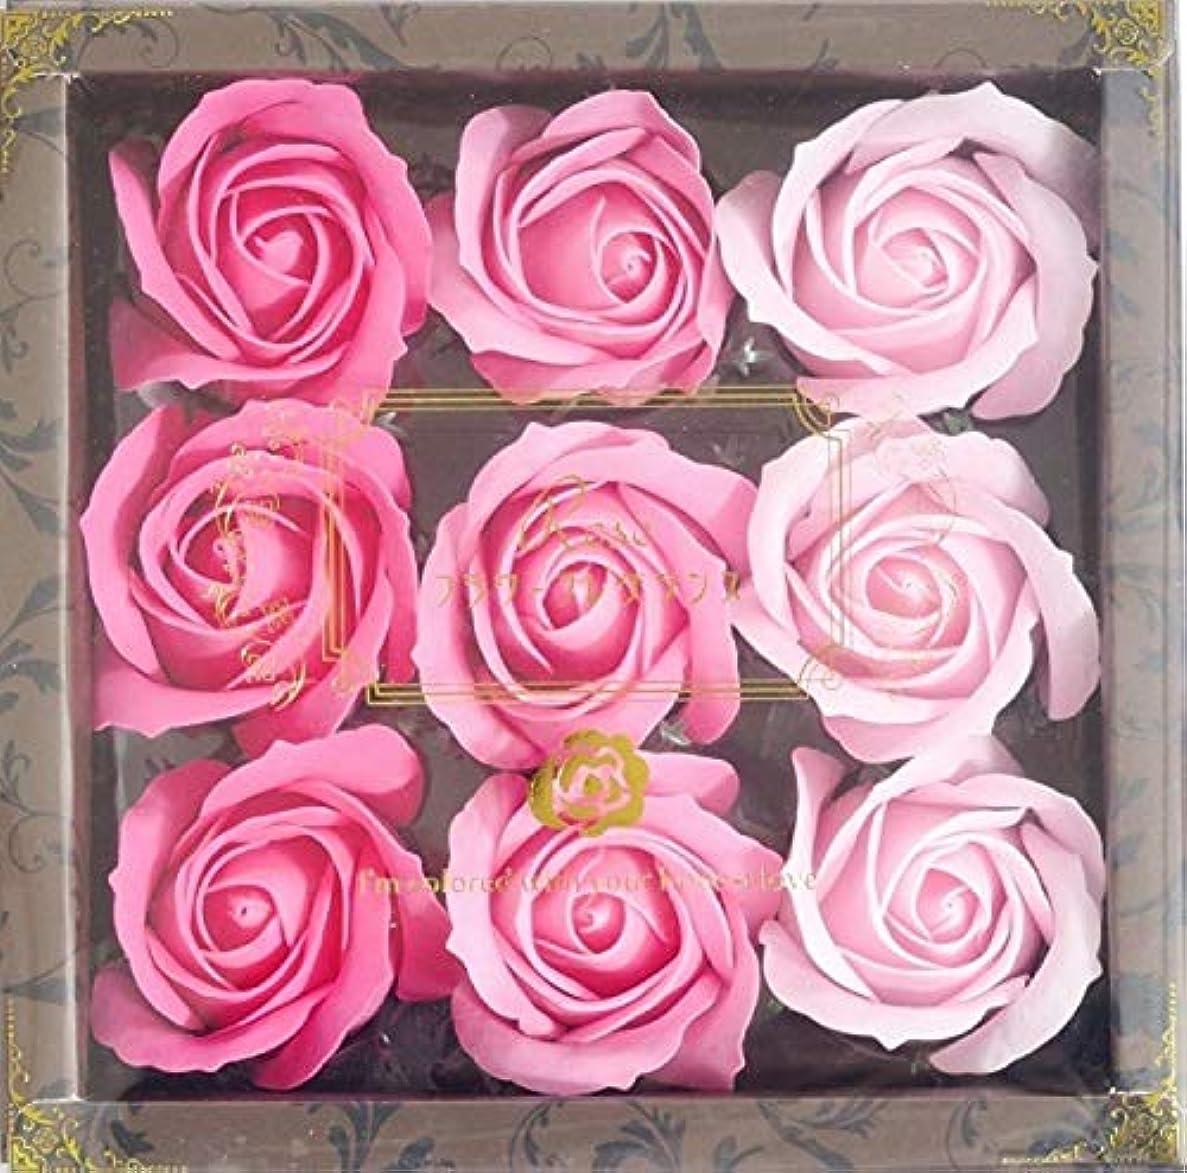 のアレンジ処方するバスフレグランス バスフラワー ローズフレグランス ピンクカラー お花の形の入浴剤 プレゼント ばら ギフト